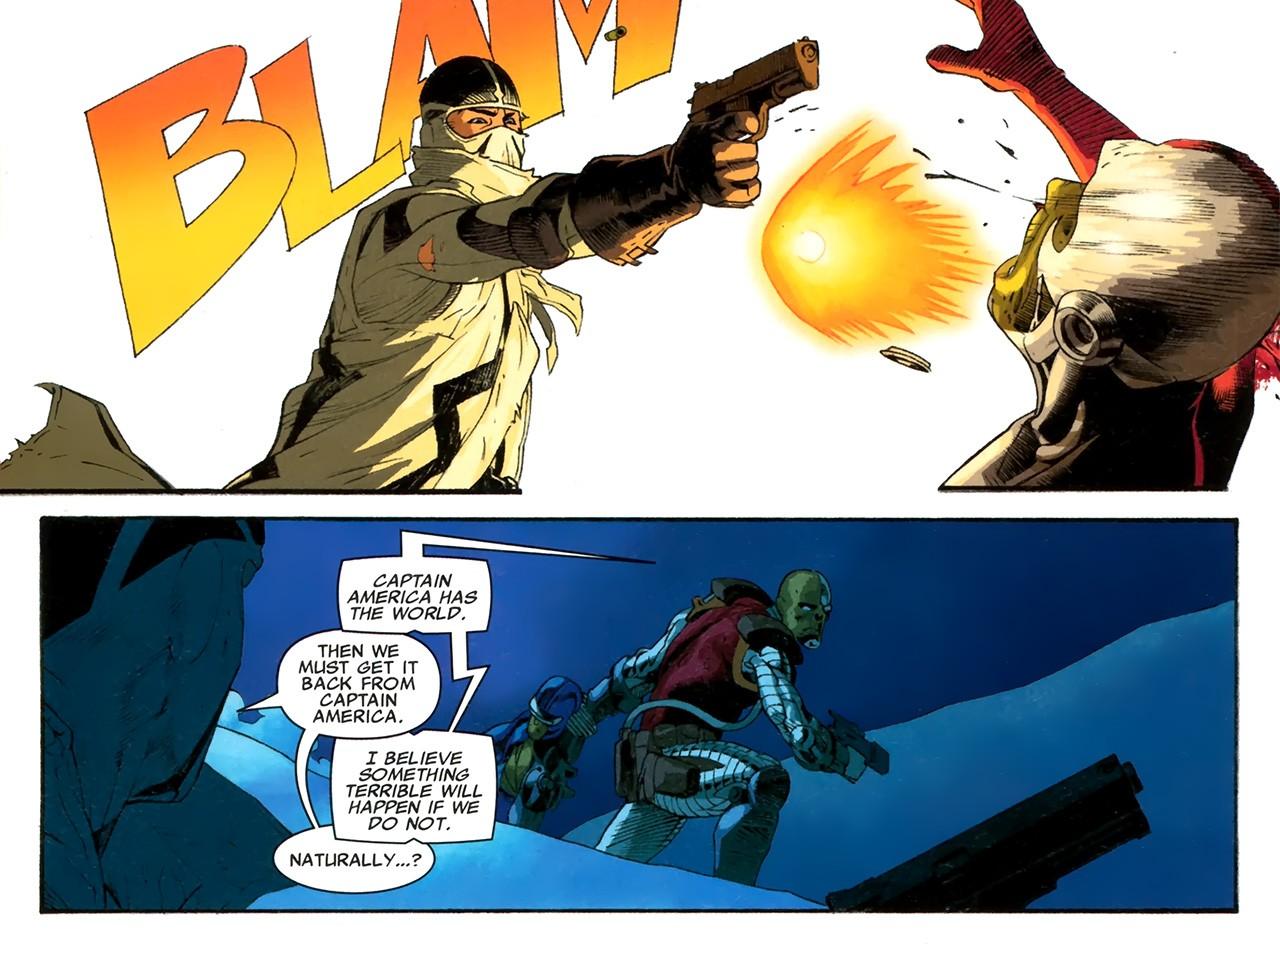 X-men Supreme: Uncanny X-Force #6 - Deathlok Nation of Awesome